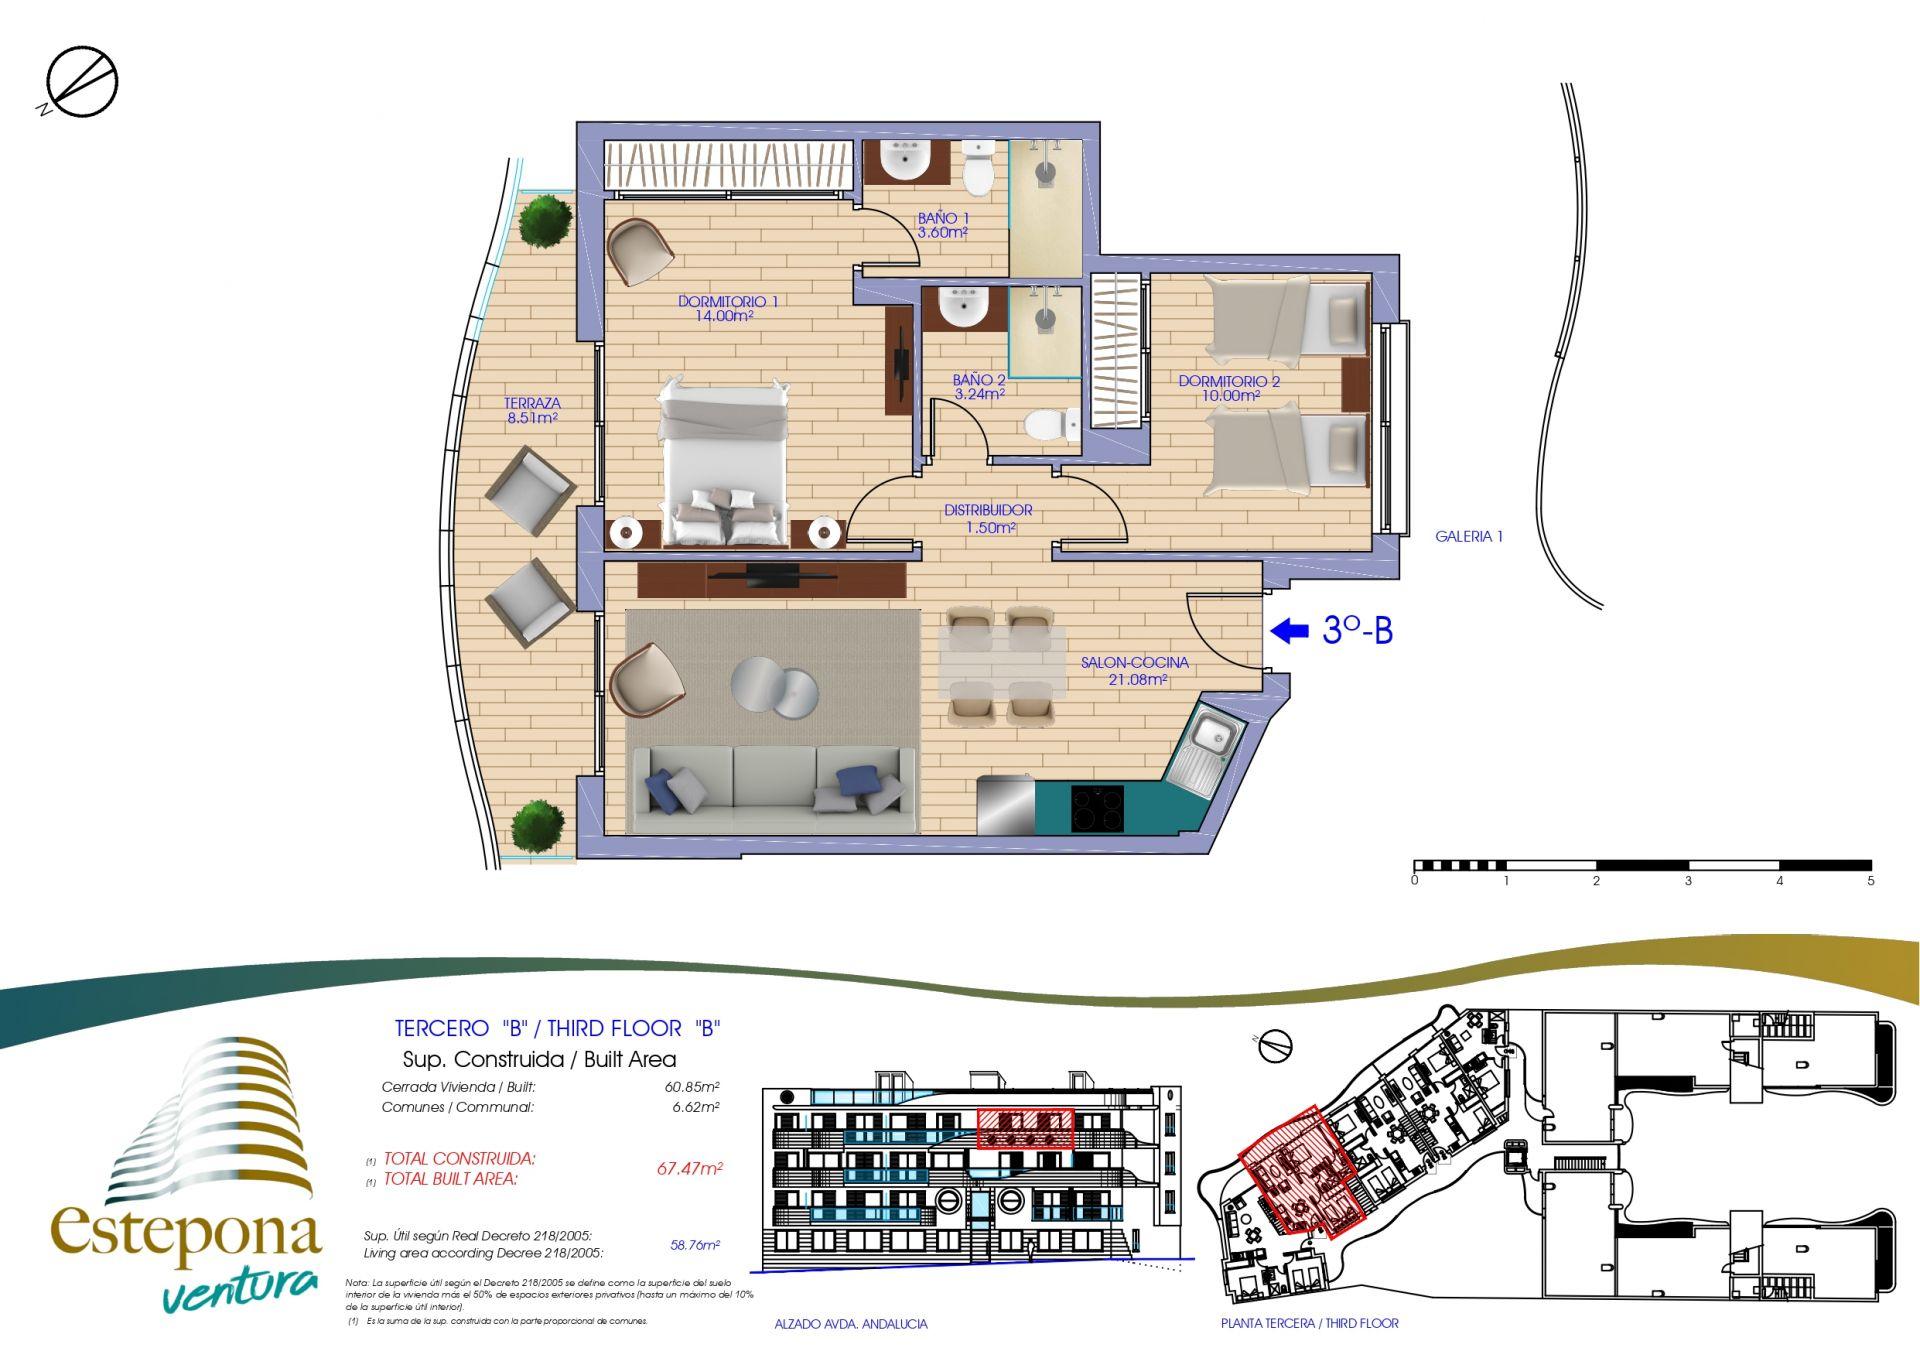 3b - Ventura Estepona | Compra de casa en Estepona